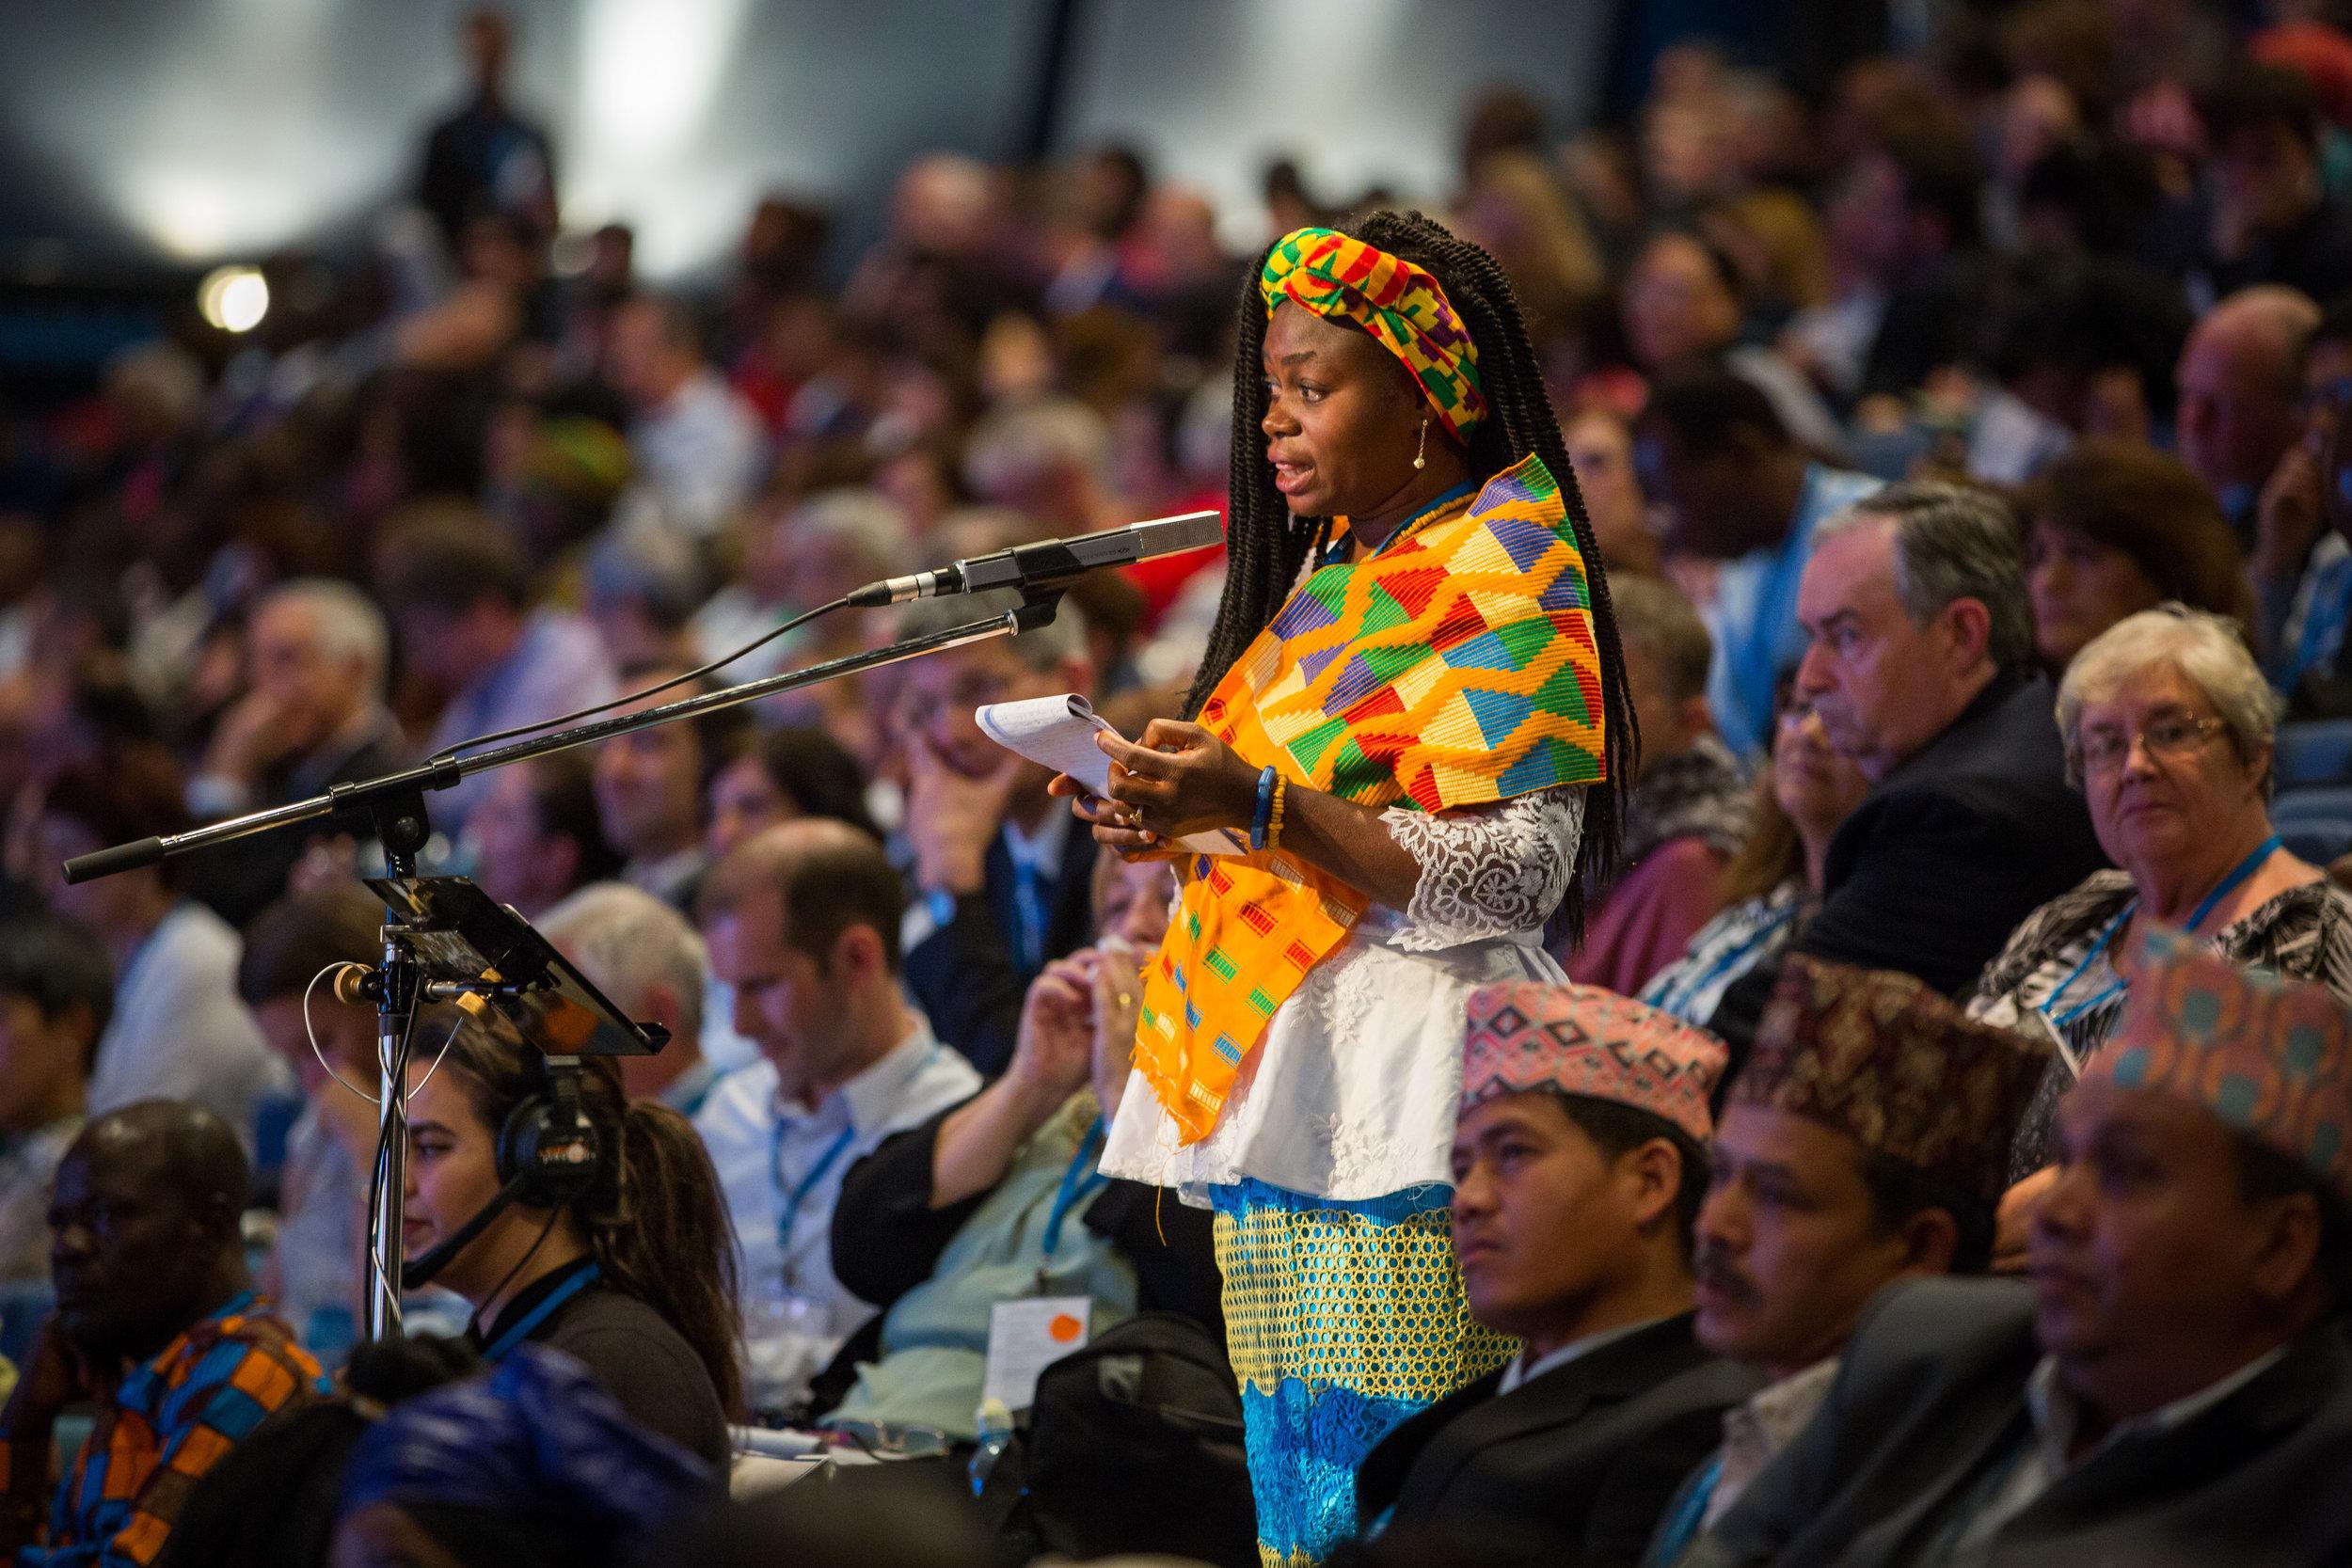 Rådslagningen på Konventet er fokusert på utviklingen av bahá'í-samfunnets arbeid i hele verden. Foto: bahai.org